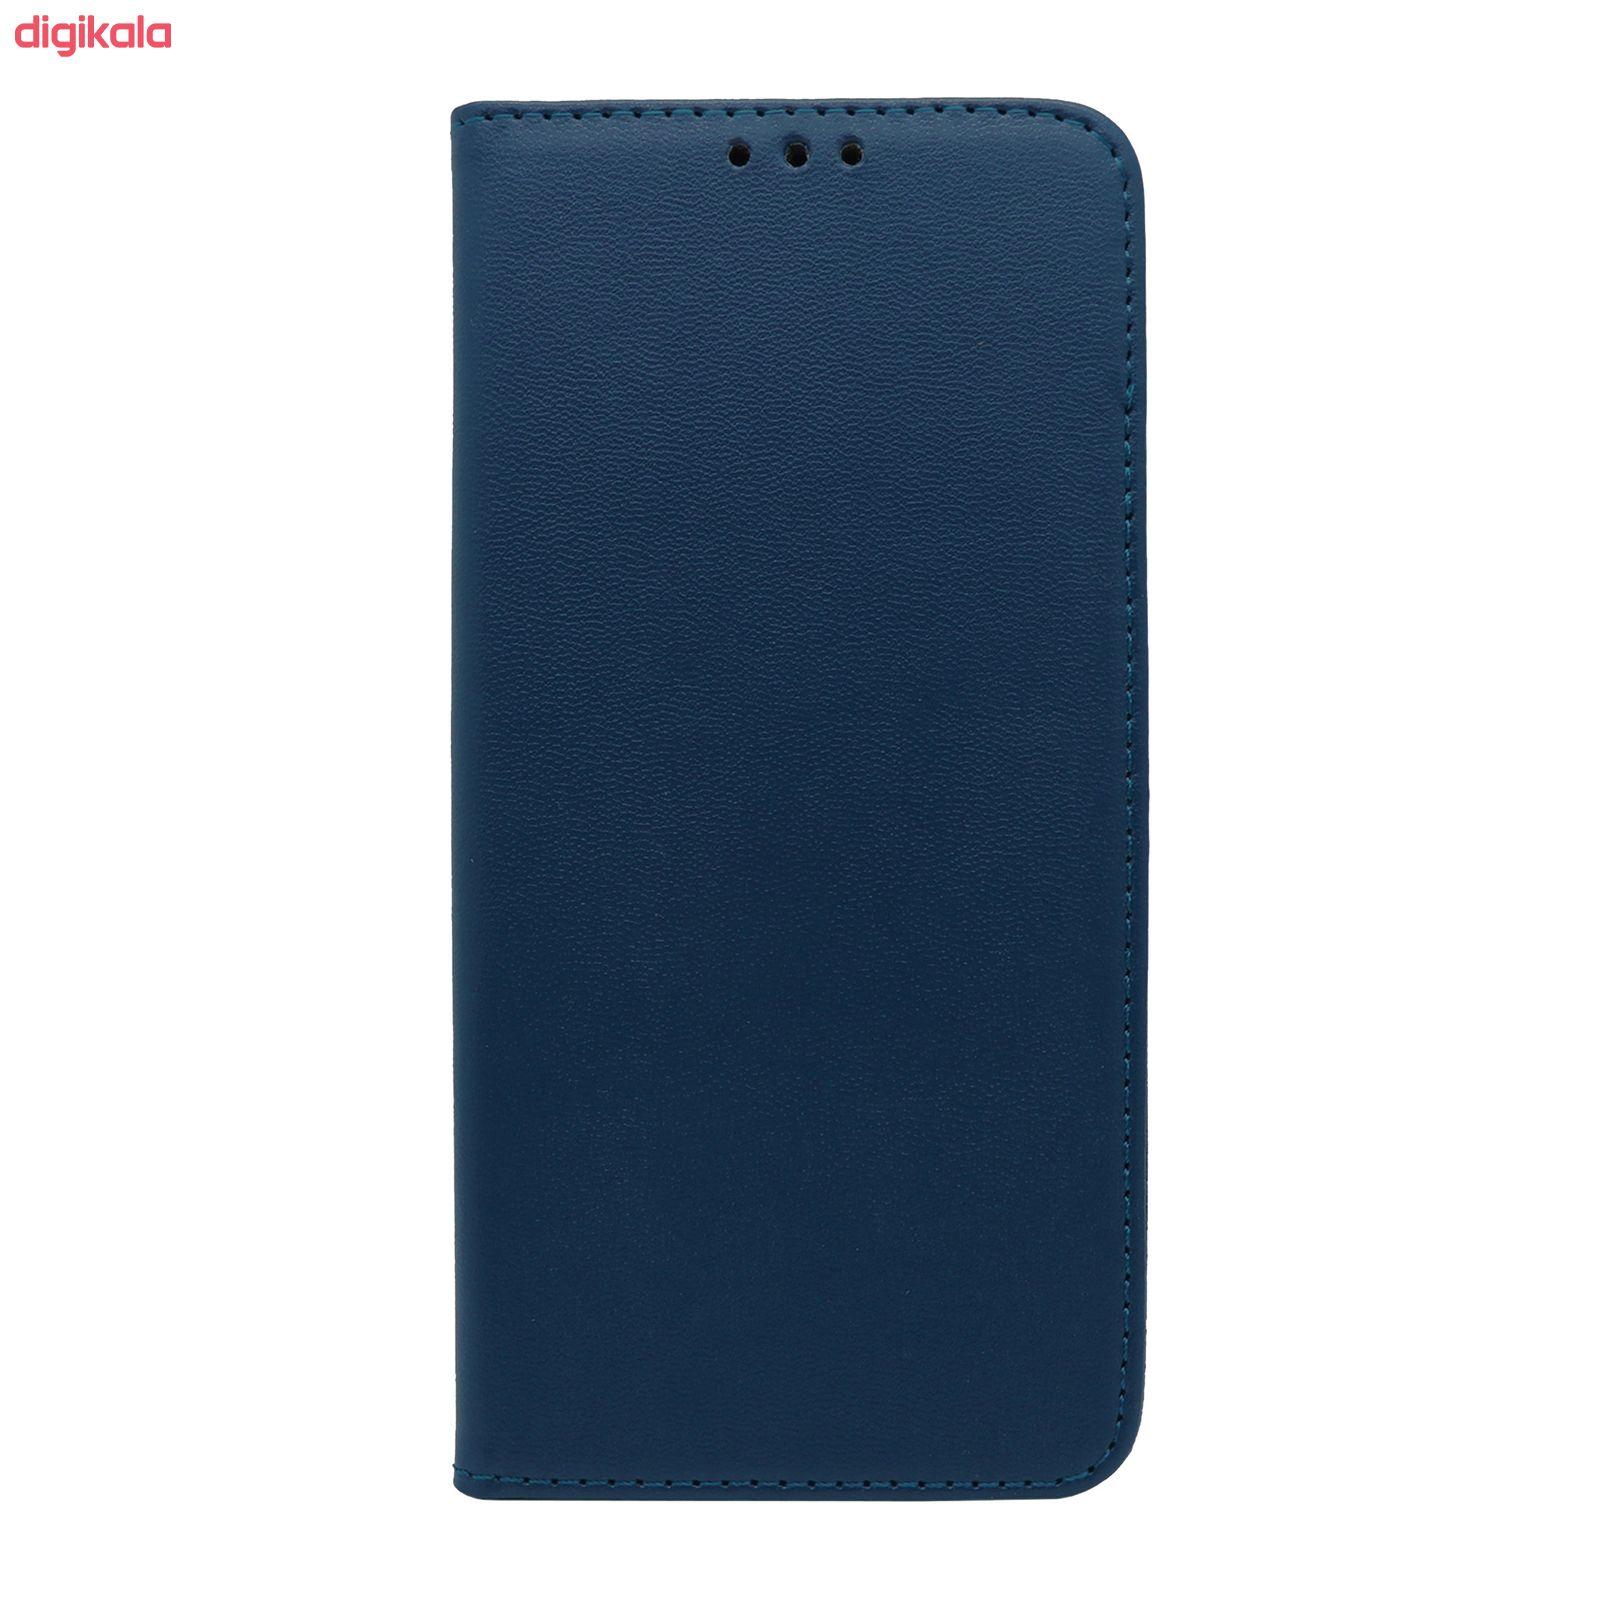 کیف کلاسوری مدل Class1 مناسب برای گوشی موبایل سامسونگ Galaxy A6 Plus main 1 2